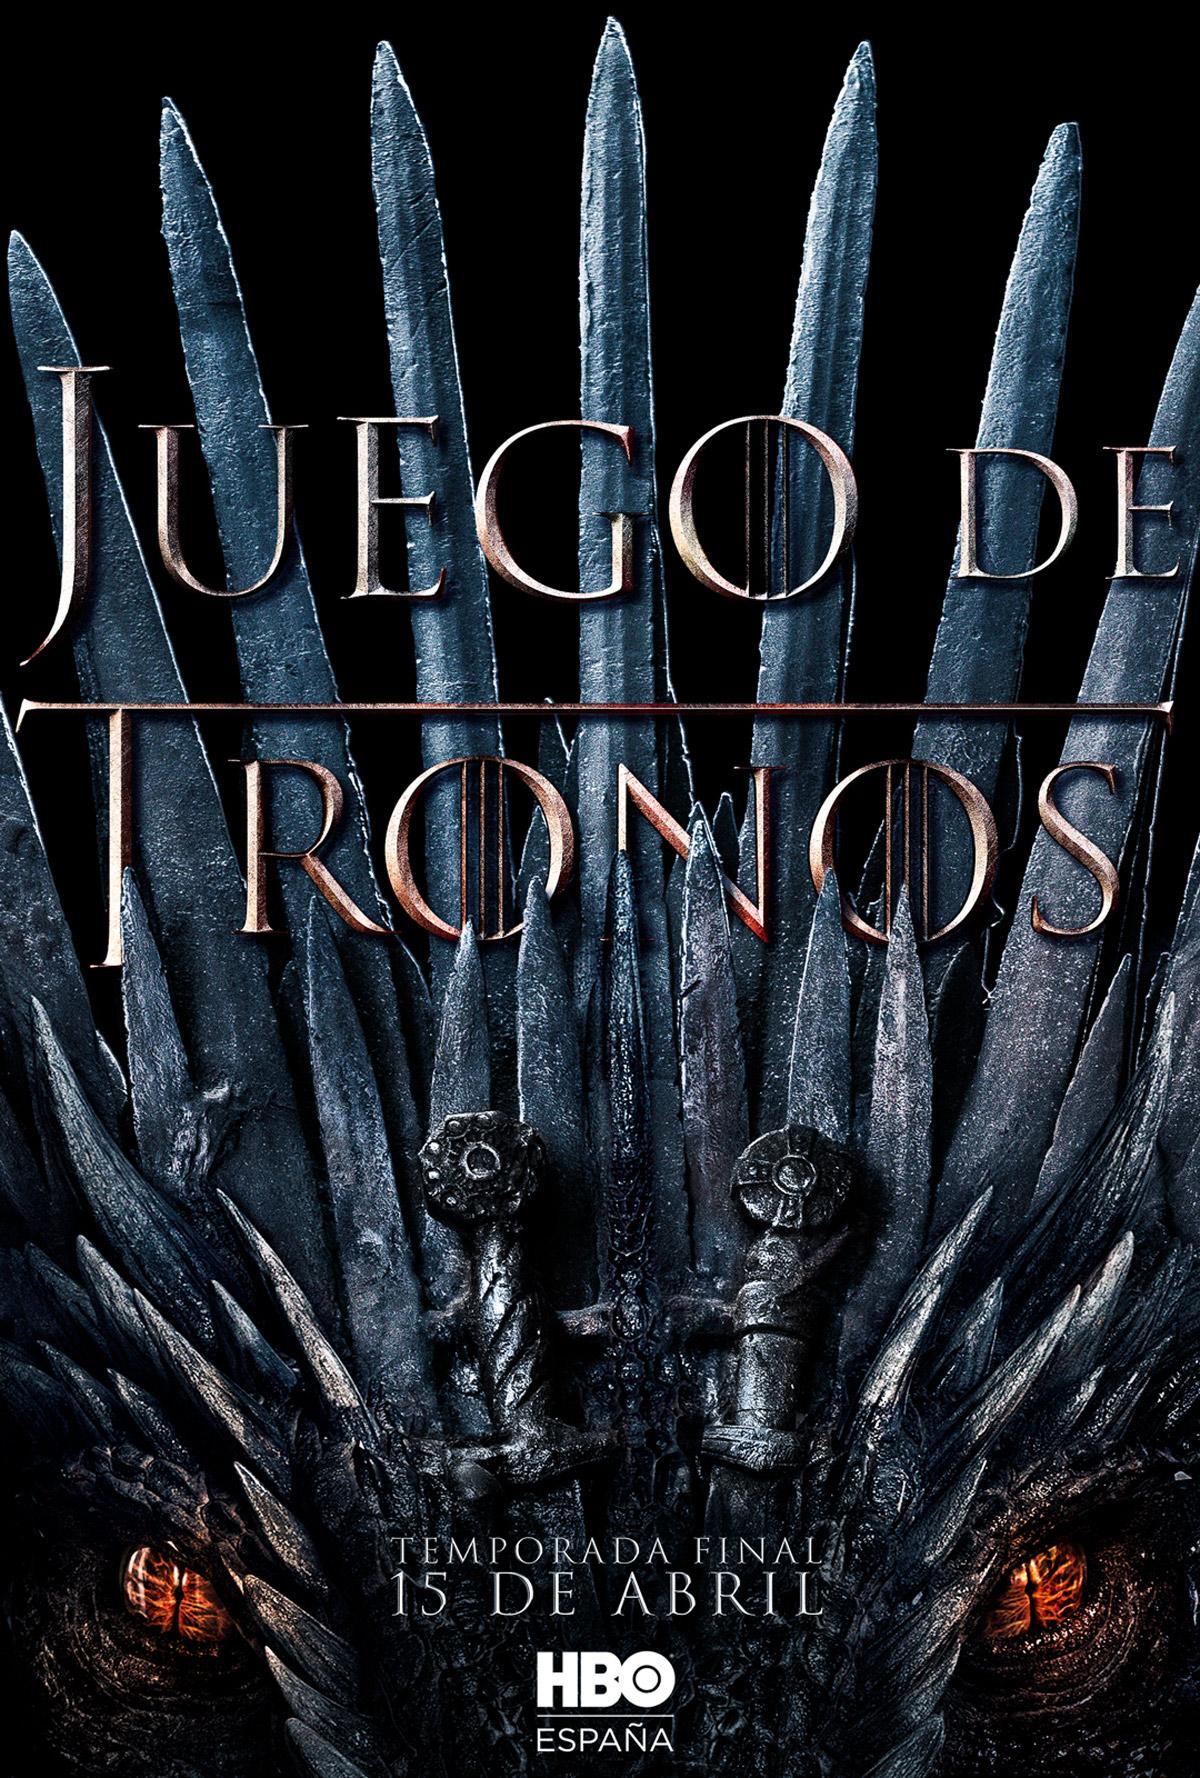 Reparto Juego de Tronos temporada 4 - SensaCine.com